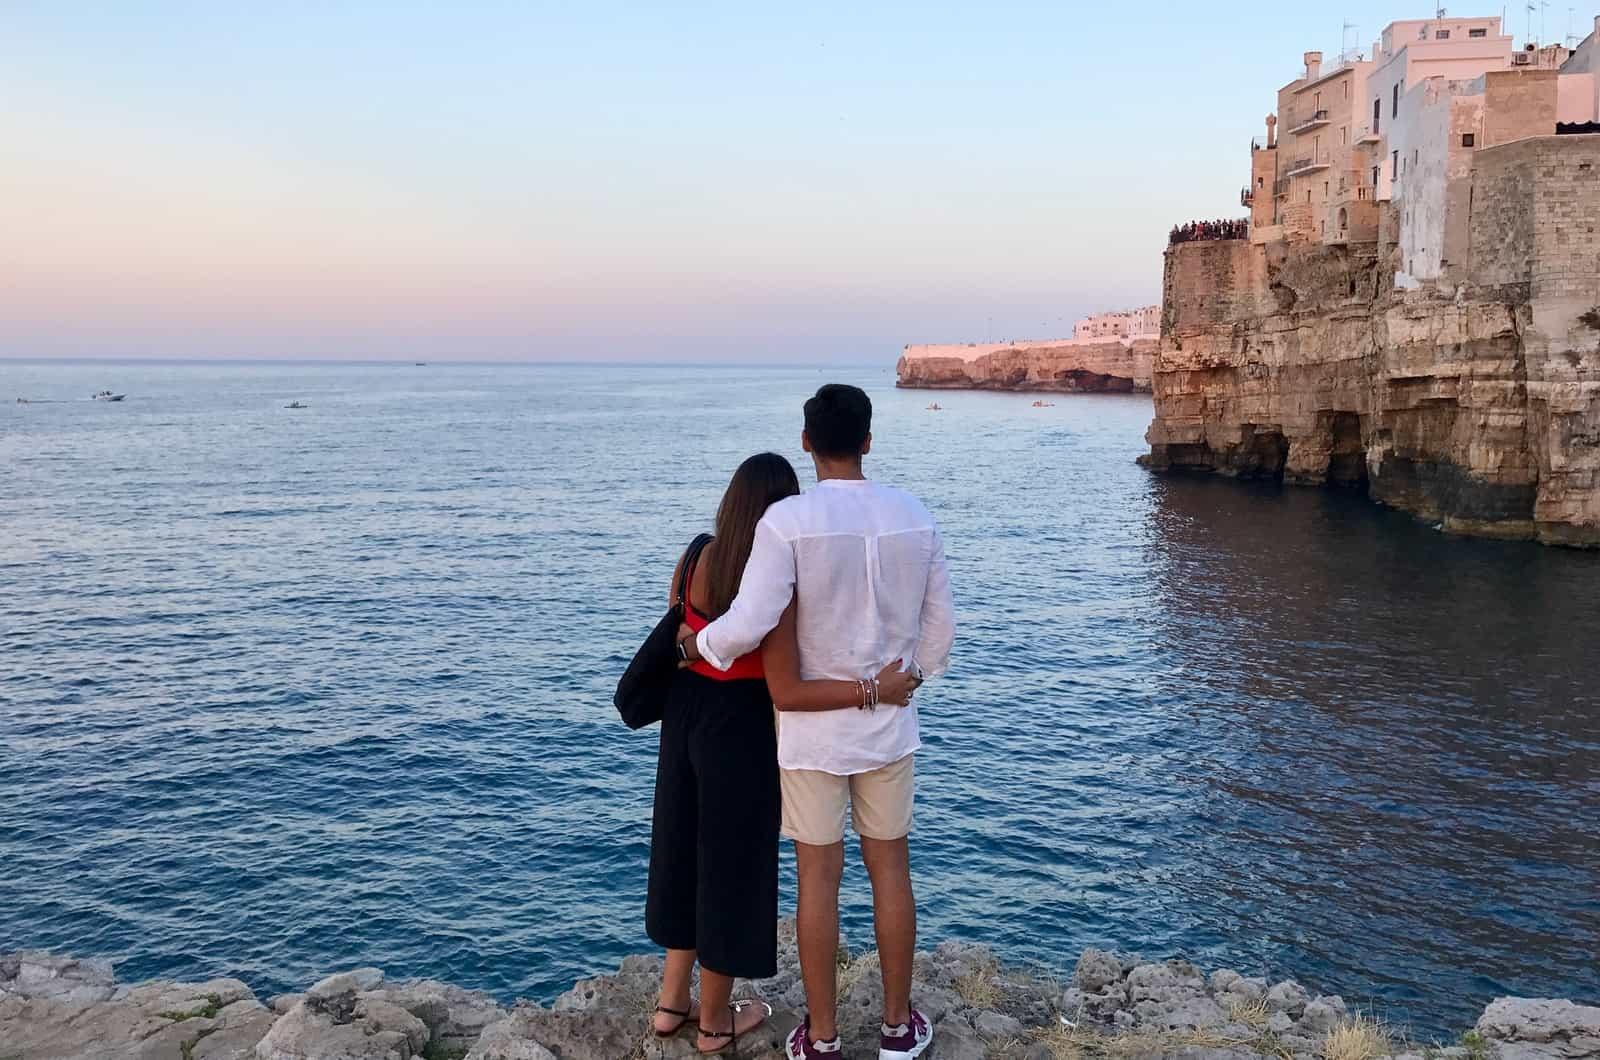 Mann und Frau umarmen sich und schauen aufs Meer